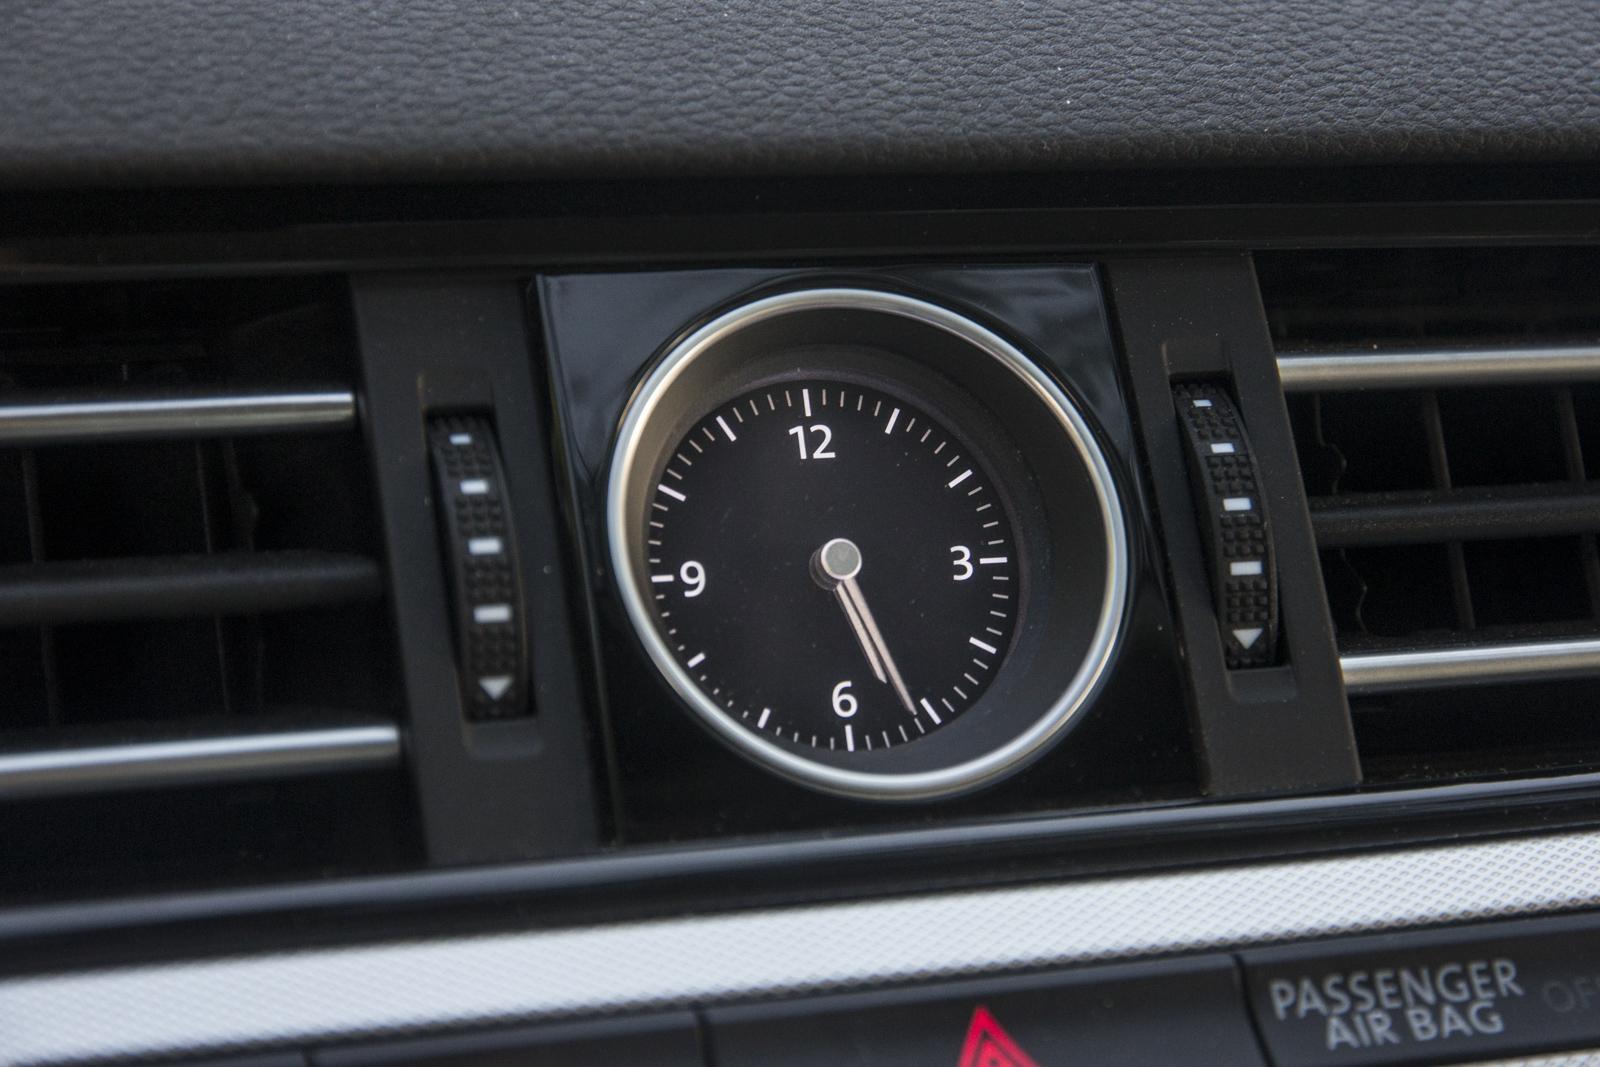 Test_Drive_VW_Passat_1.6_TDI_57